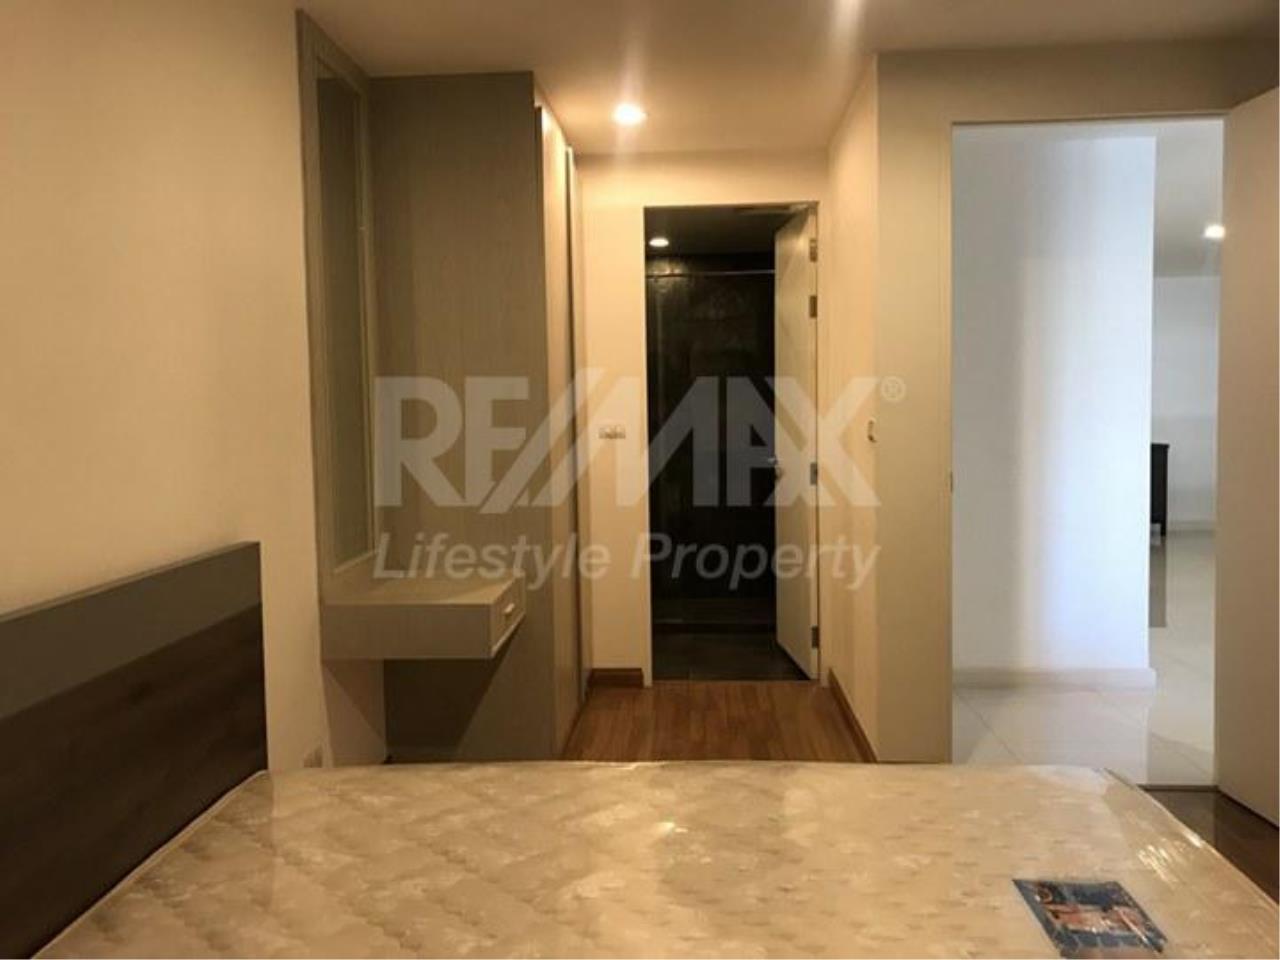 RE/MAX LifeStyle Property Agency's Voque Sukhumvit 31 4